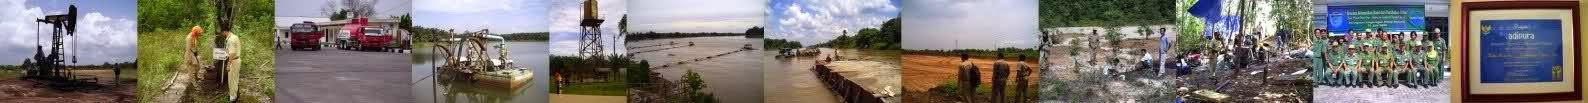 Dinas Pertambangan, Energi dan Lingkungan Hidup Kabupaten Ogan Ilir